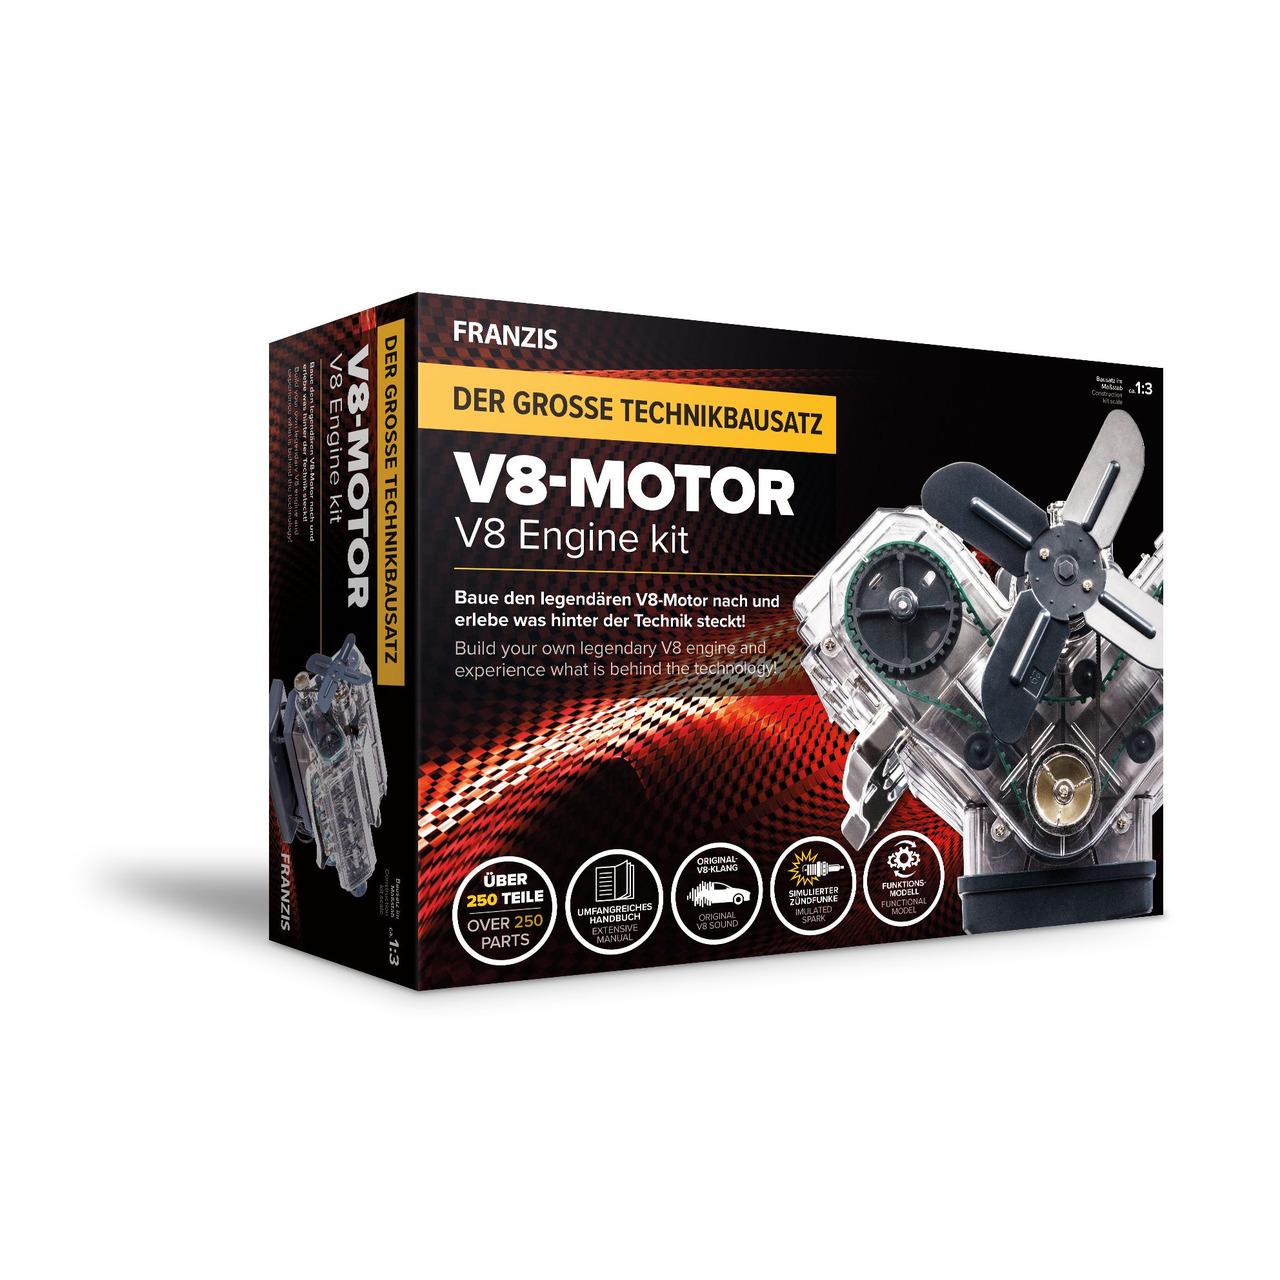 Franzis Technikbausatz V8 Motor